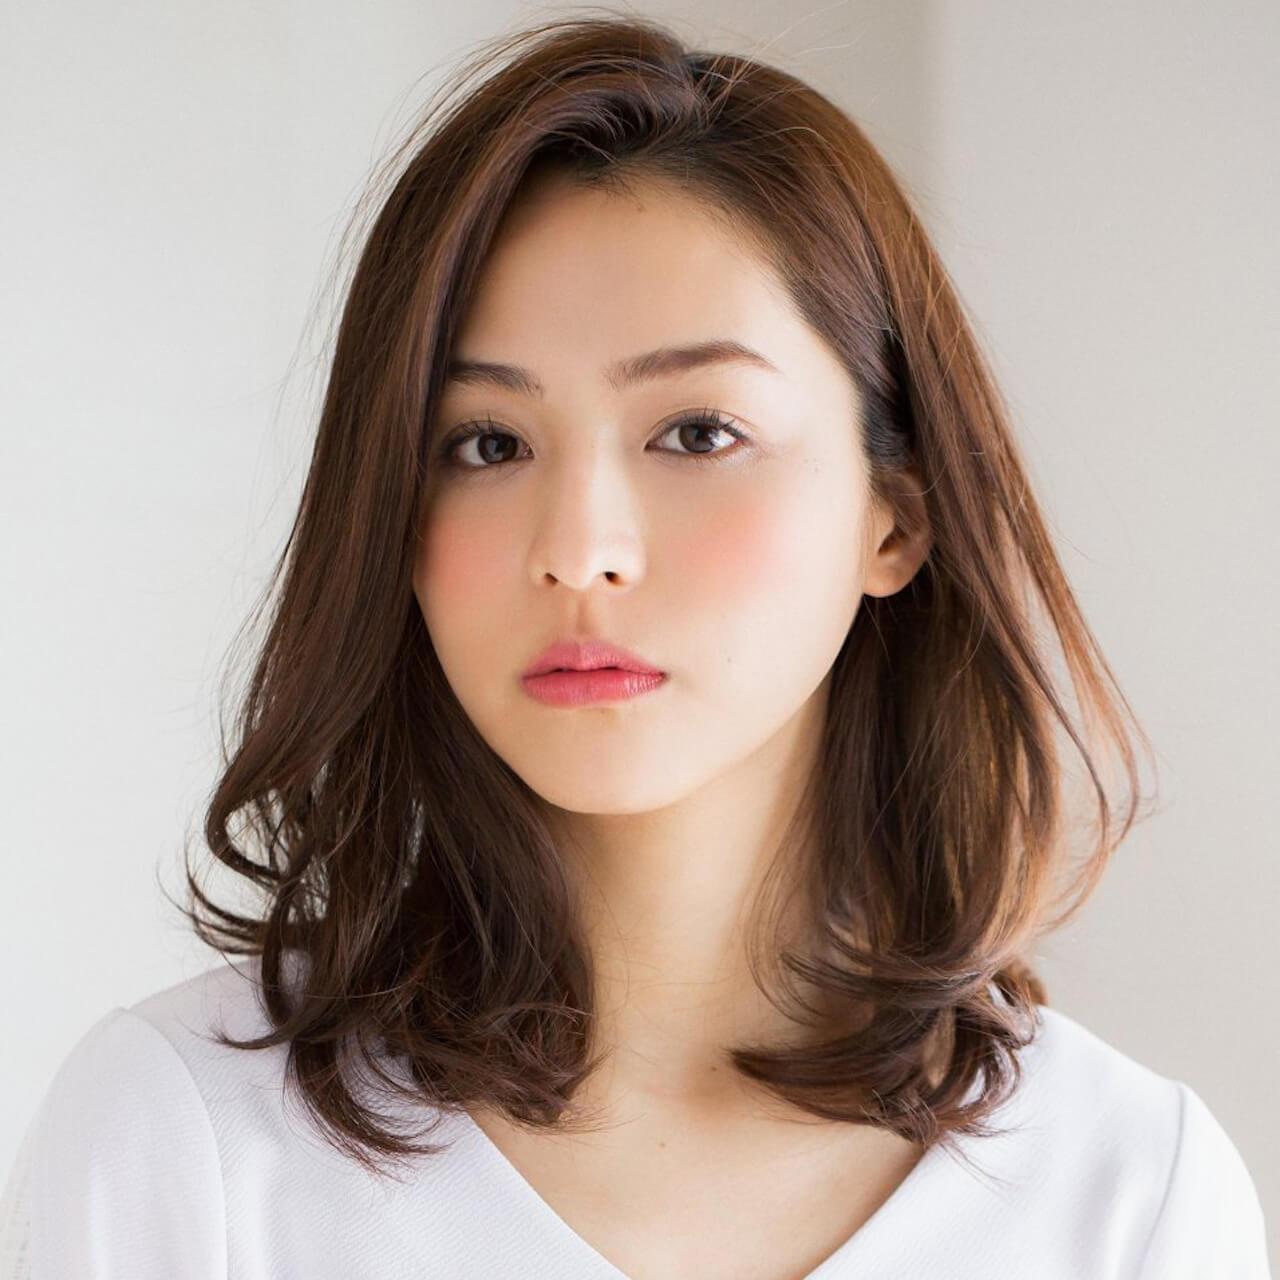 ミディアムヘアスタイル 30代 40代に似合う Top10発表 Lee